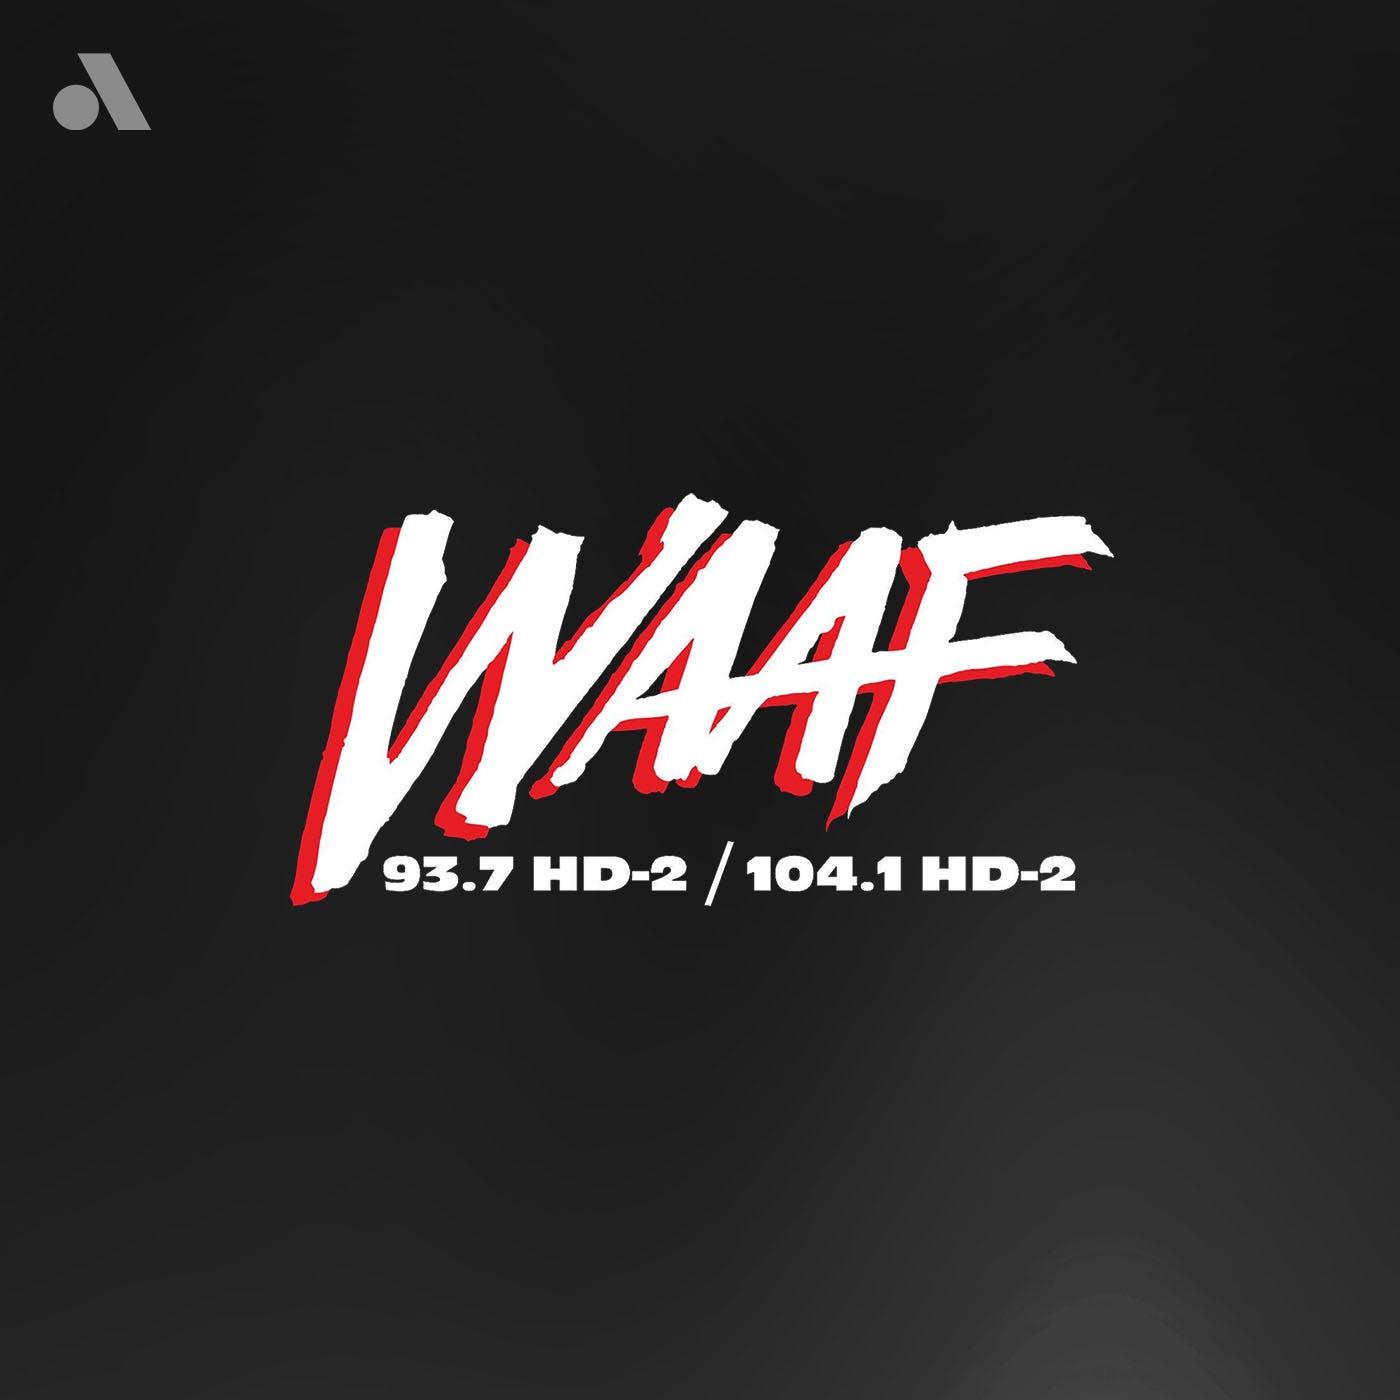 WAAF 107.3 (93.7 HD-2 / 104.1 HD-2)